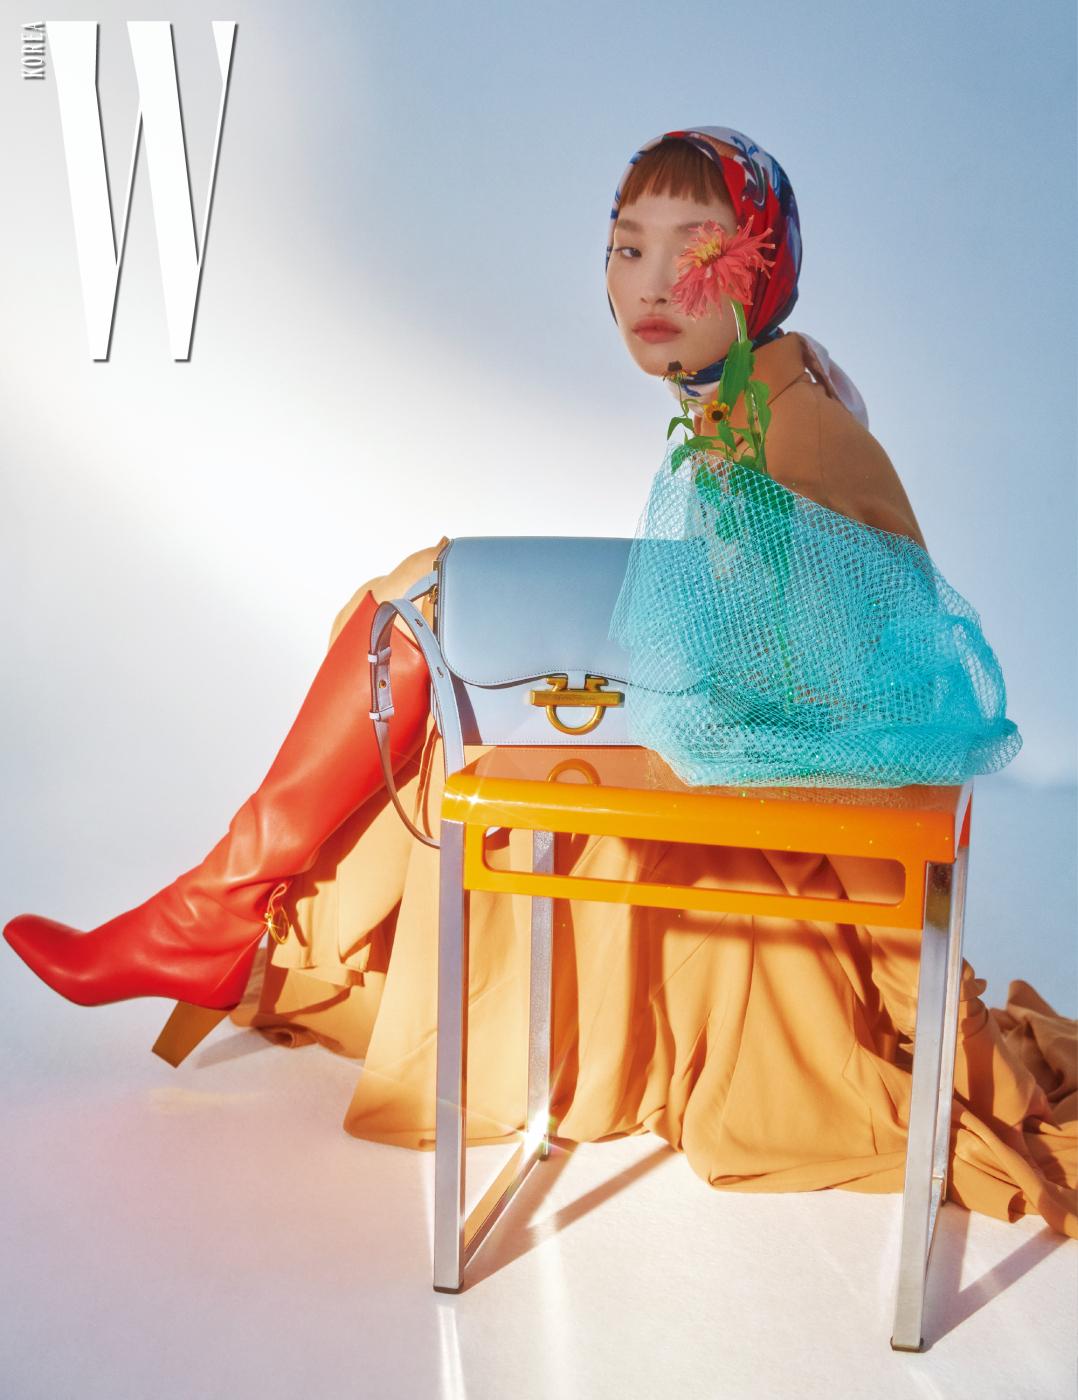 드레스, 실크 스카프, 골드 힐이 특징인 부츠와 파스텔 블루 톤의 클래식한 숄더백은 모두 Salvatore Ferragamo 제품.